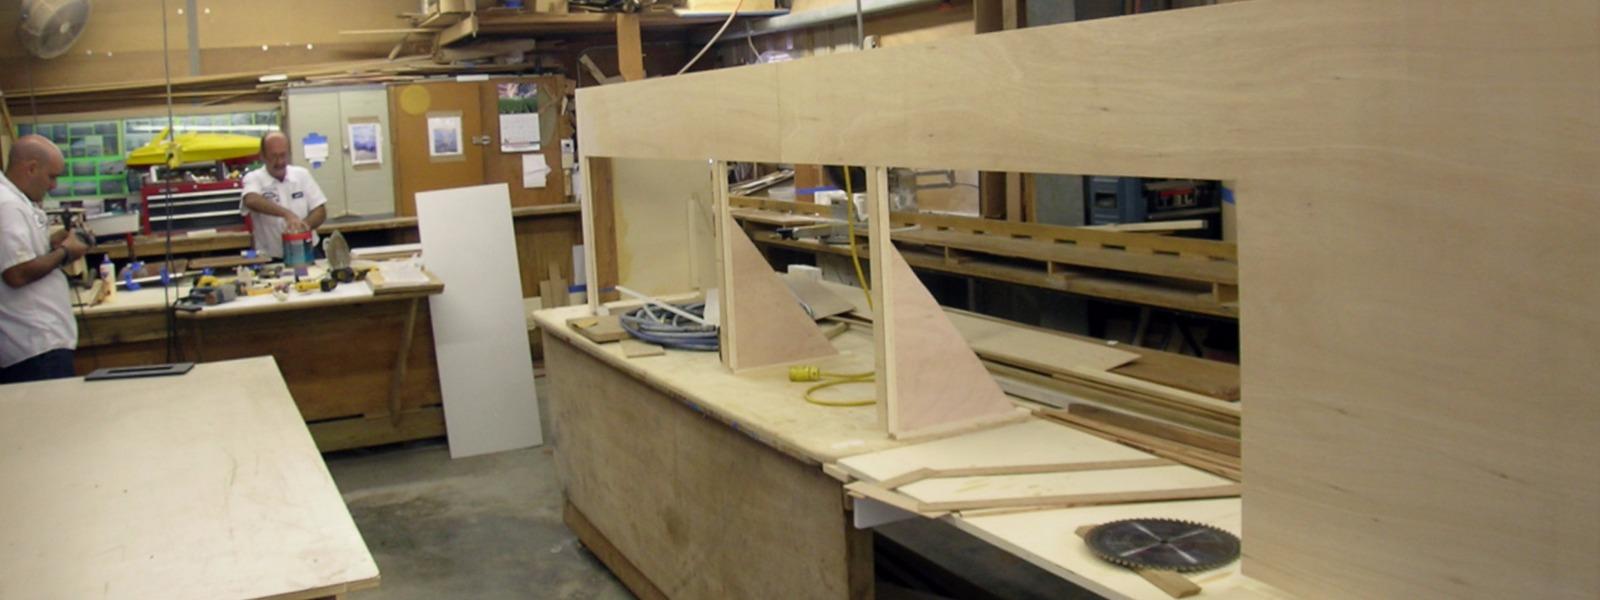 Carpinteros El Altet muebles de cocina   parquets tarima flotante puertas blindadas  de interior muebles vestidores a medida